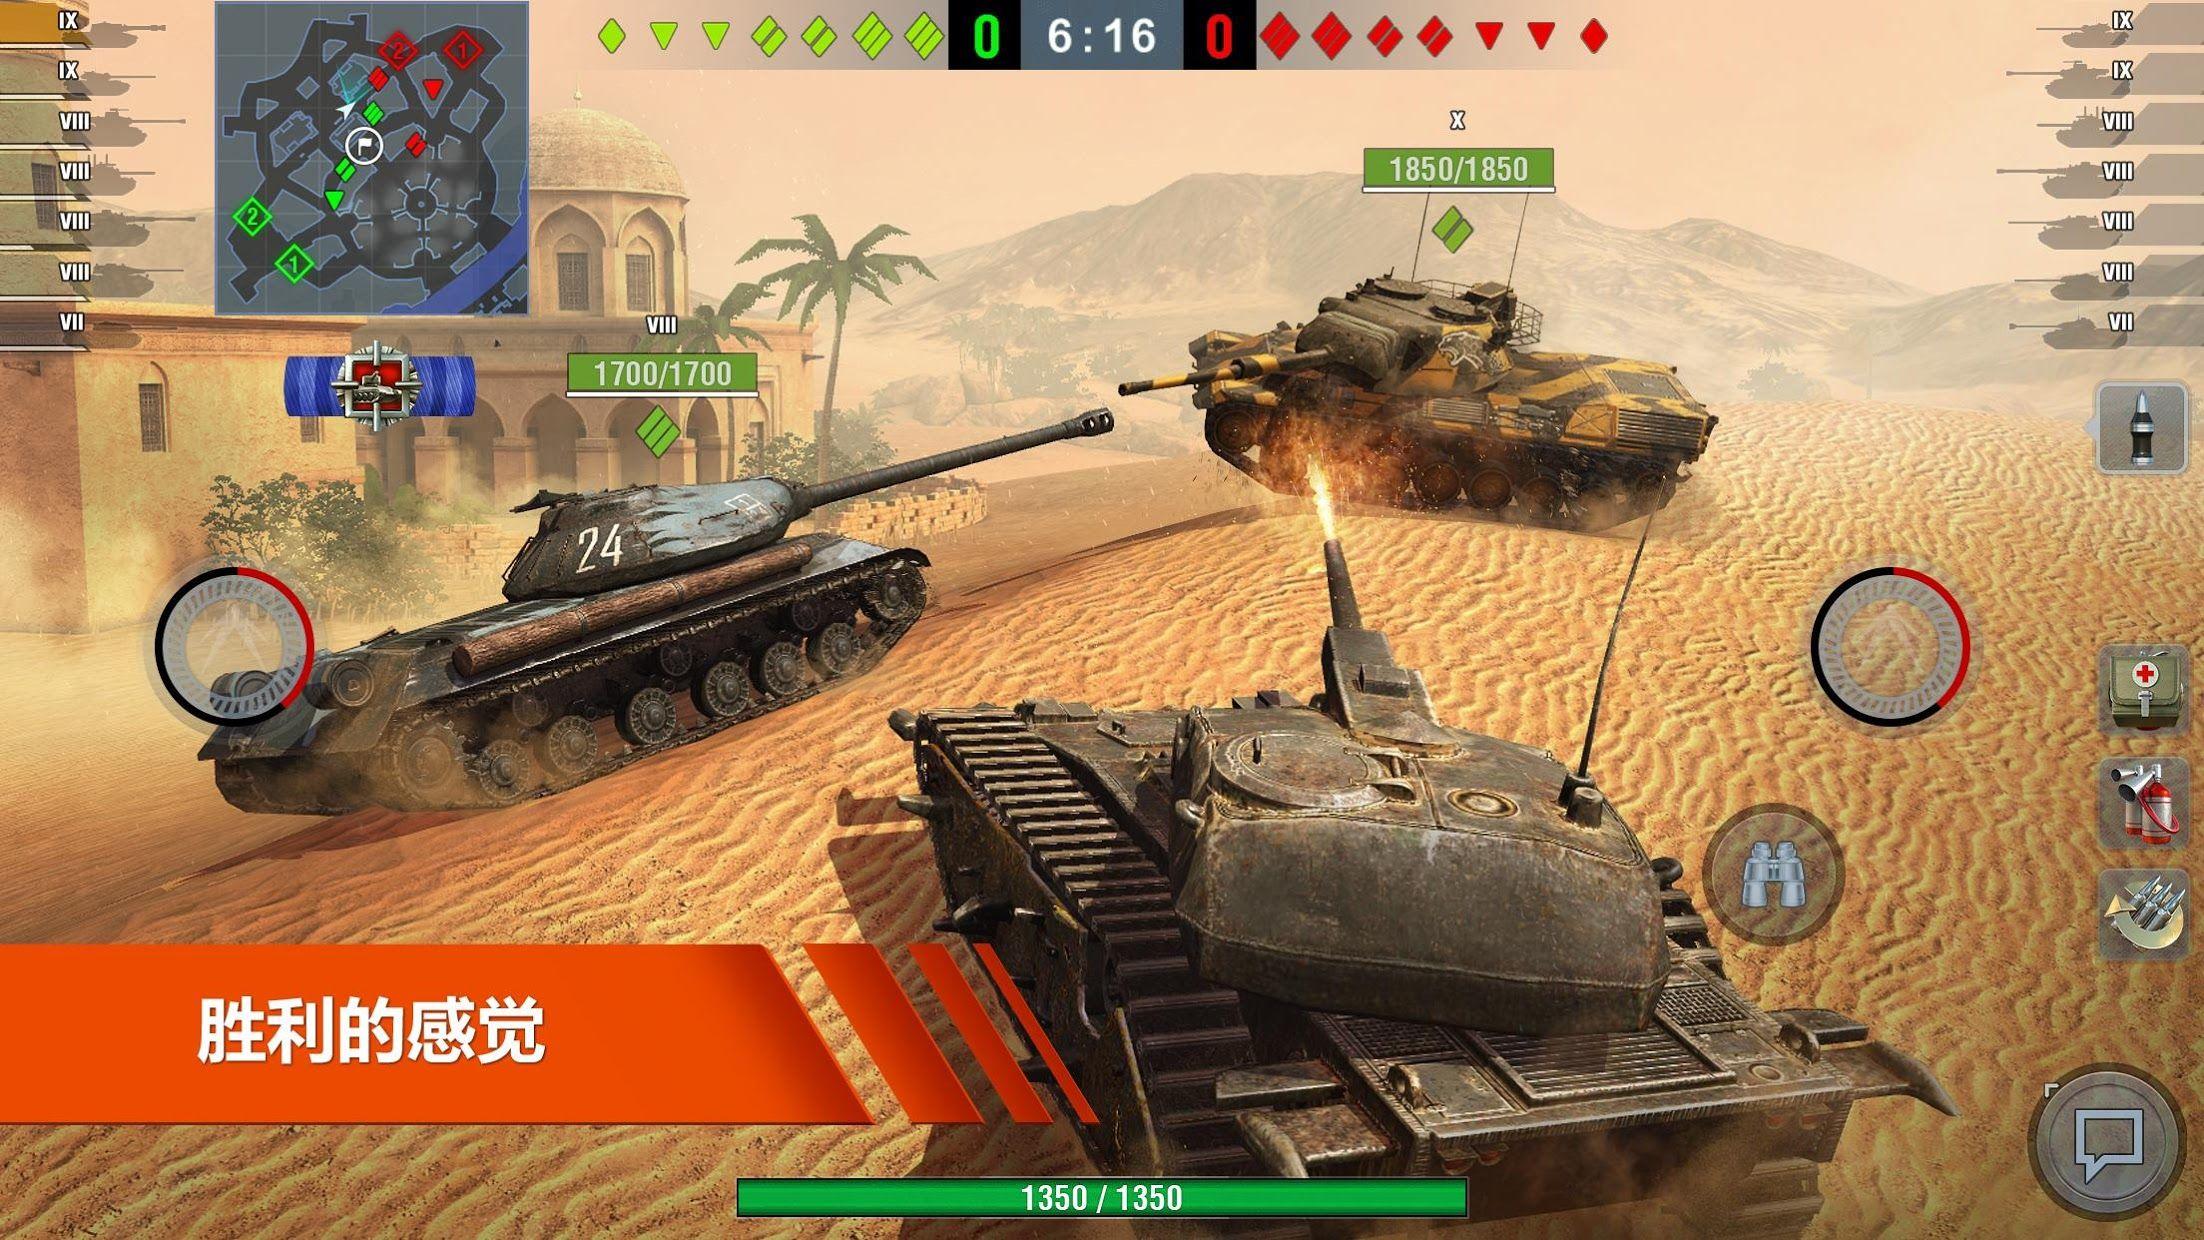 坦克世界闪电战 游戏截图1